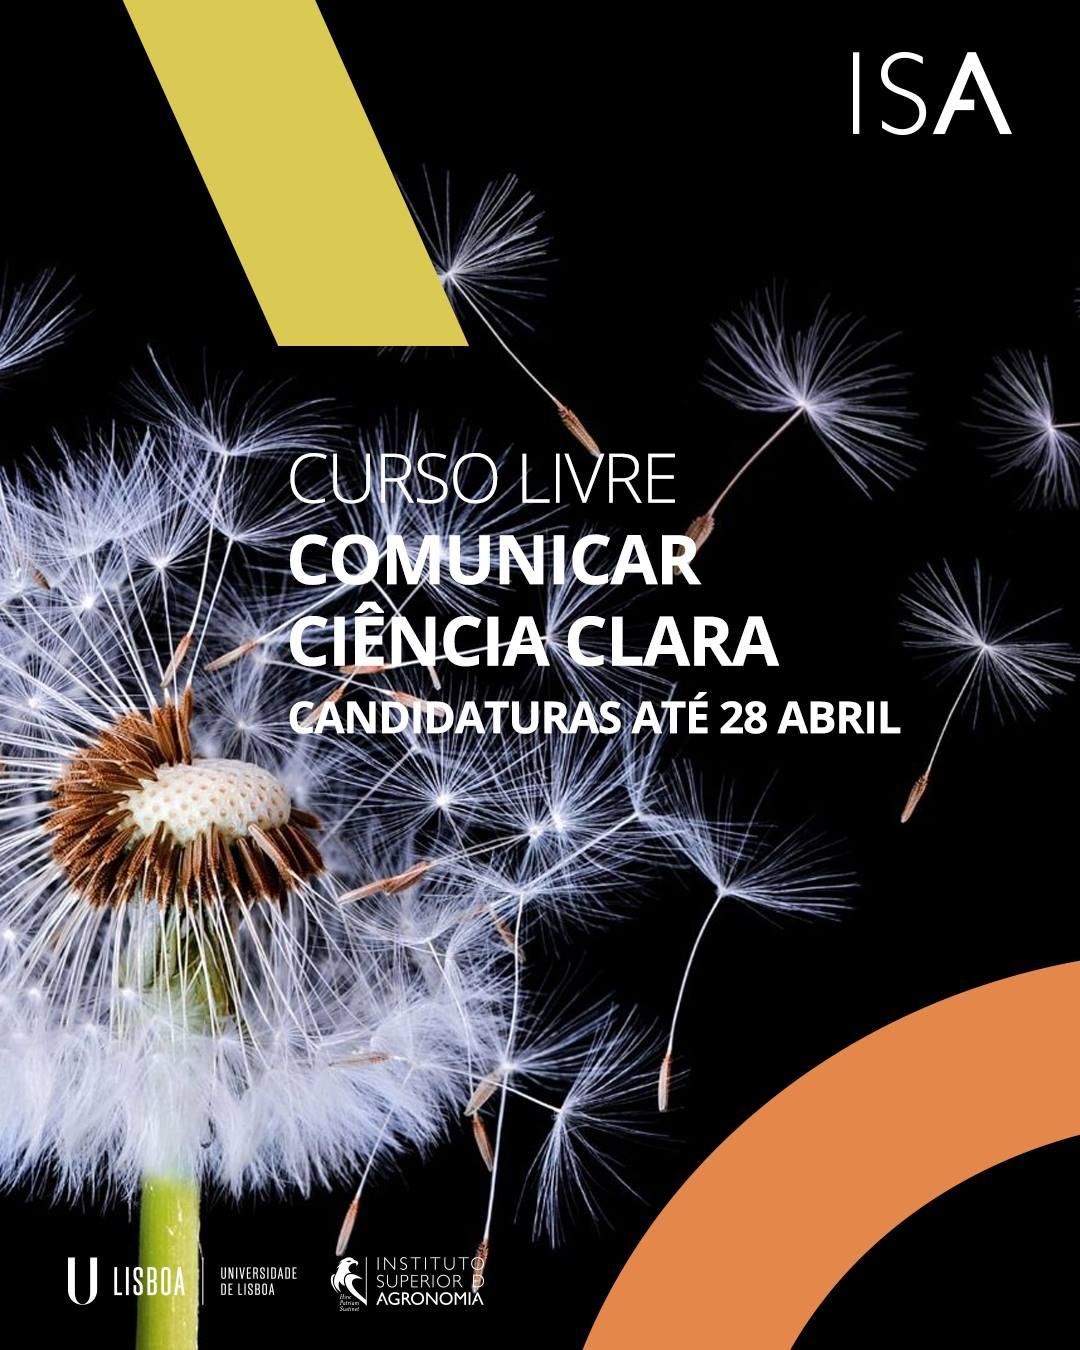 Curso Livre Comunicar Ciência Clara